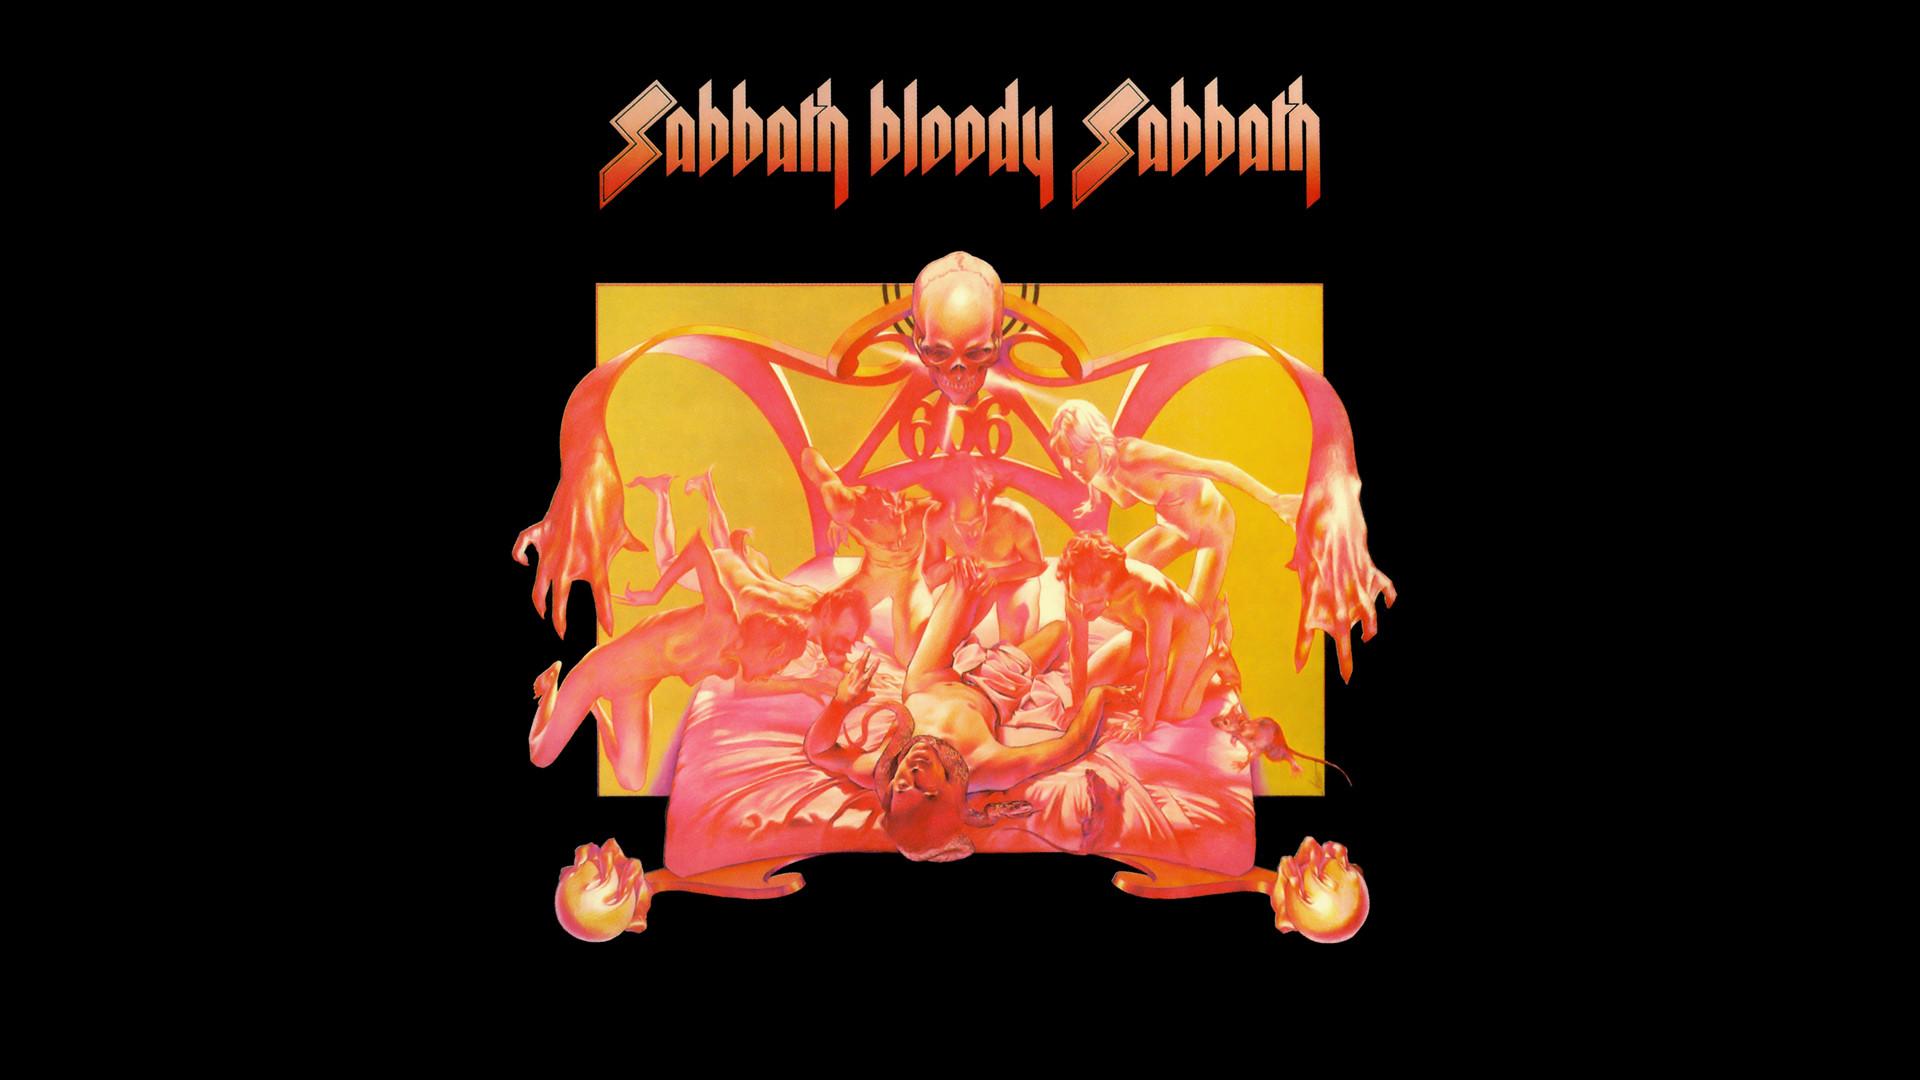 Sabbath Bloody Sabbath Wallpaper by ORANGEMAN80 Sabbath Bloody Sabbath  Wallpaper by ORANGEMAN80